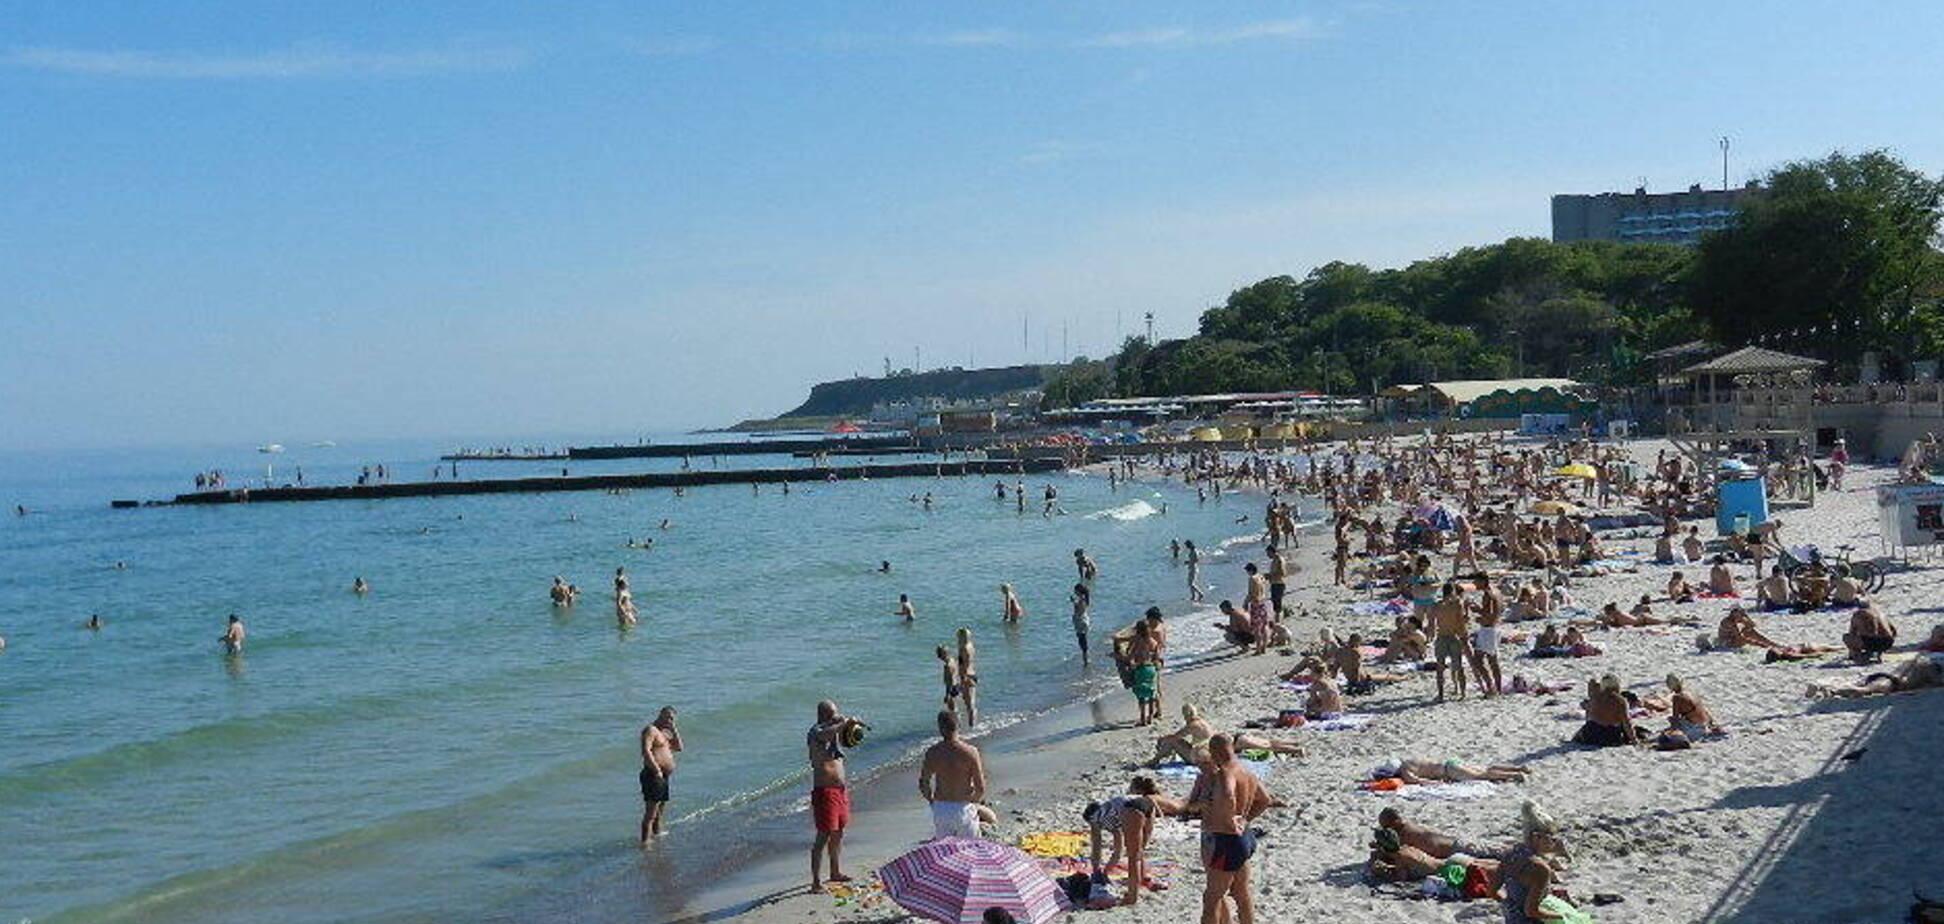 Епідеміологи порекомендували утриматися від купання на одеських пяжах